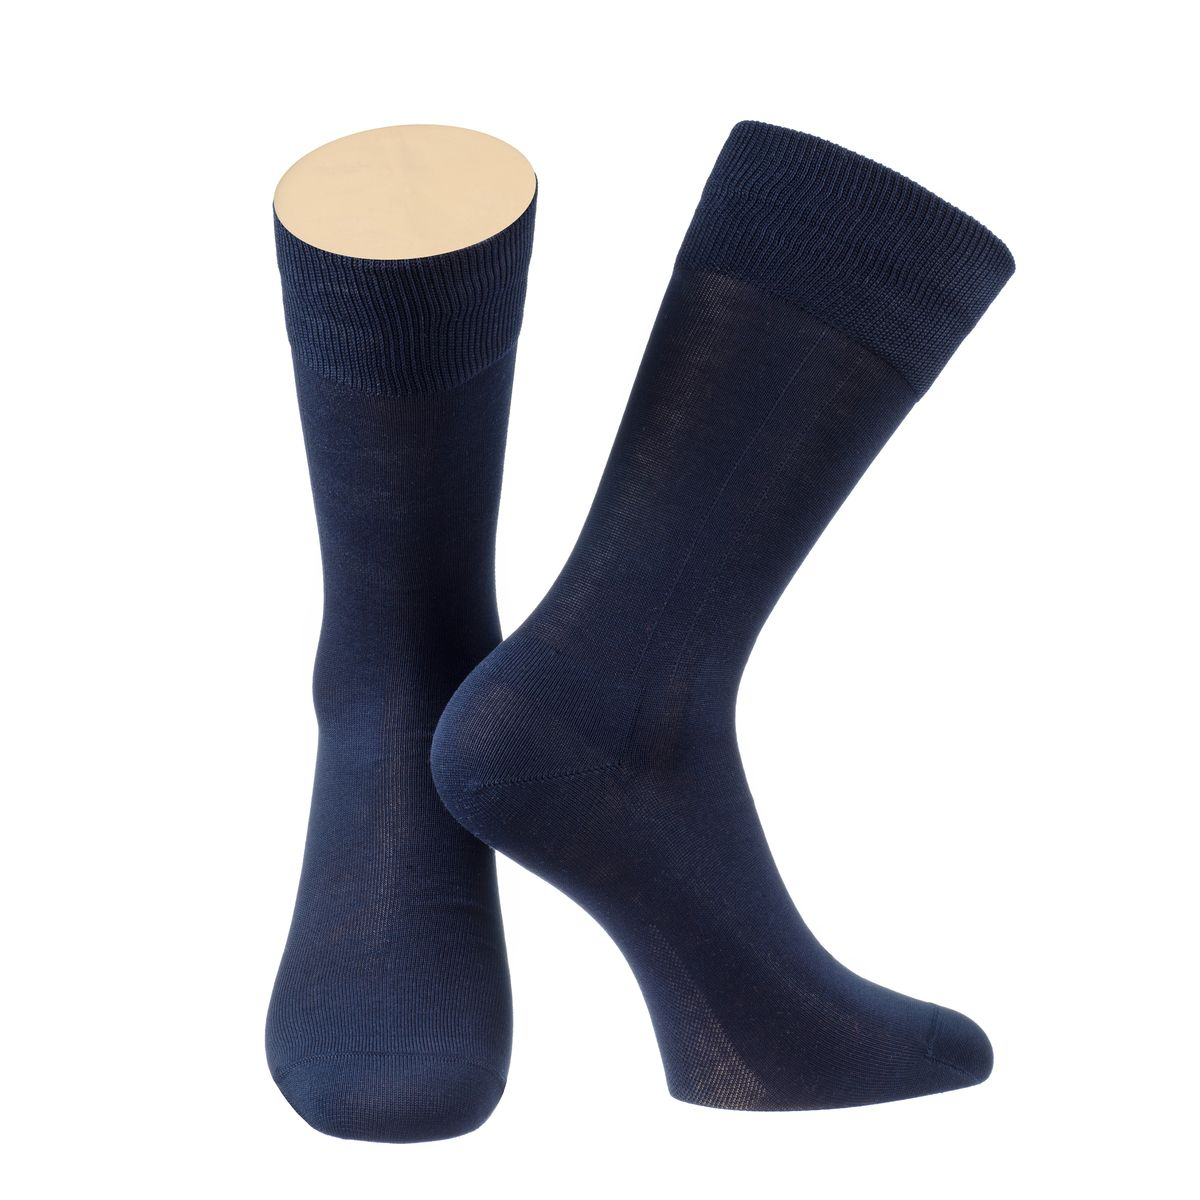 Носки мужские Collonil, цвет: темно-синий. 2-14/18. Размер 39-412-14/18Мужские носки Collonil изготовлены из мерсеризованного хлопка.Носки с удлиненным паголенком. Широкая резинка не сдавливает и комфортно облегает ногу.